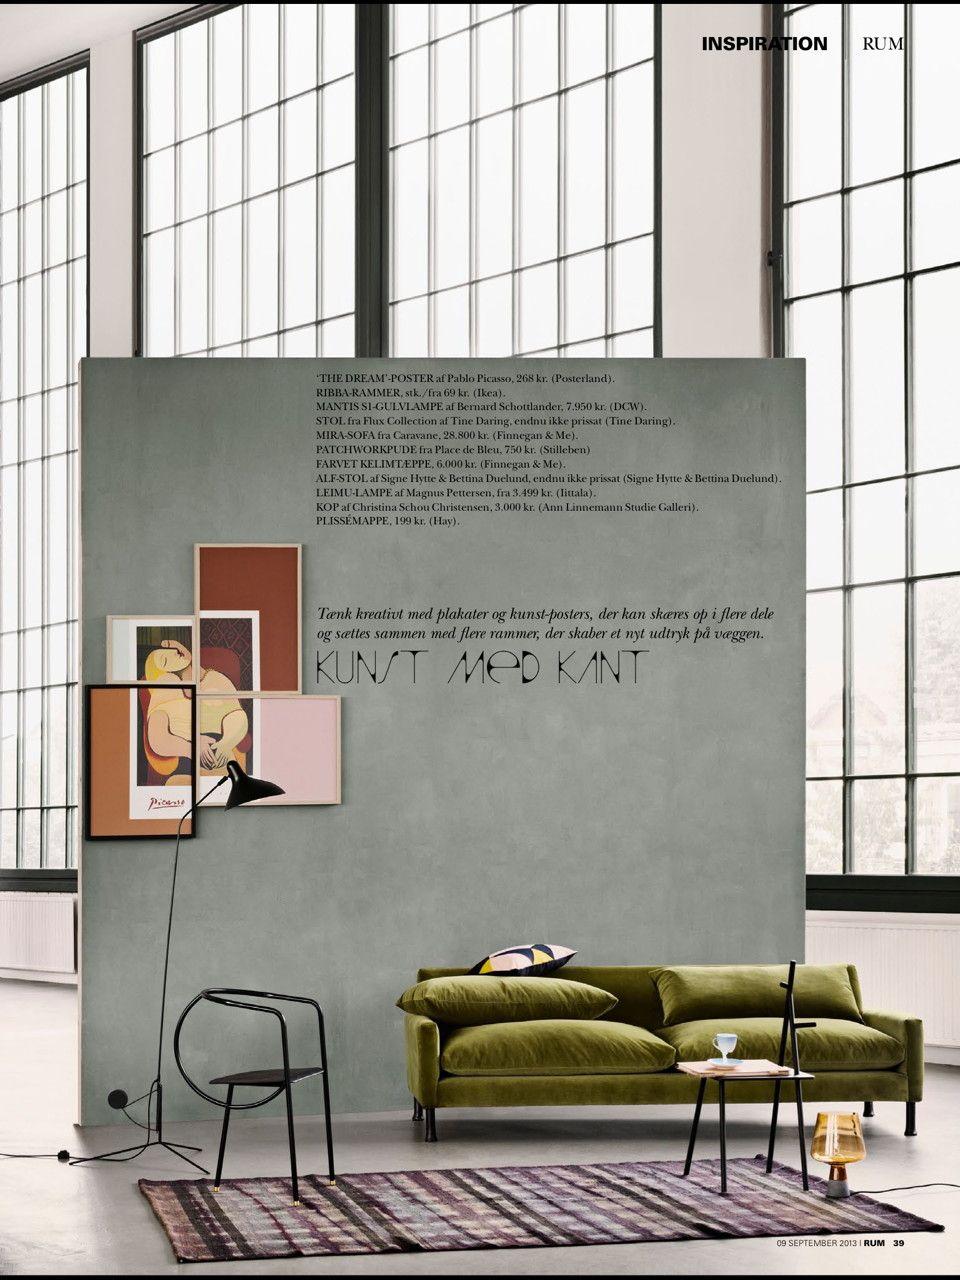 Kantin iç mekanlar: modern fikirler. Yemek odası mobilyaları